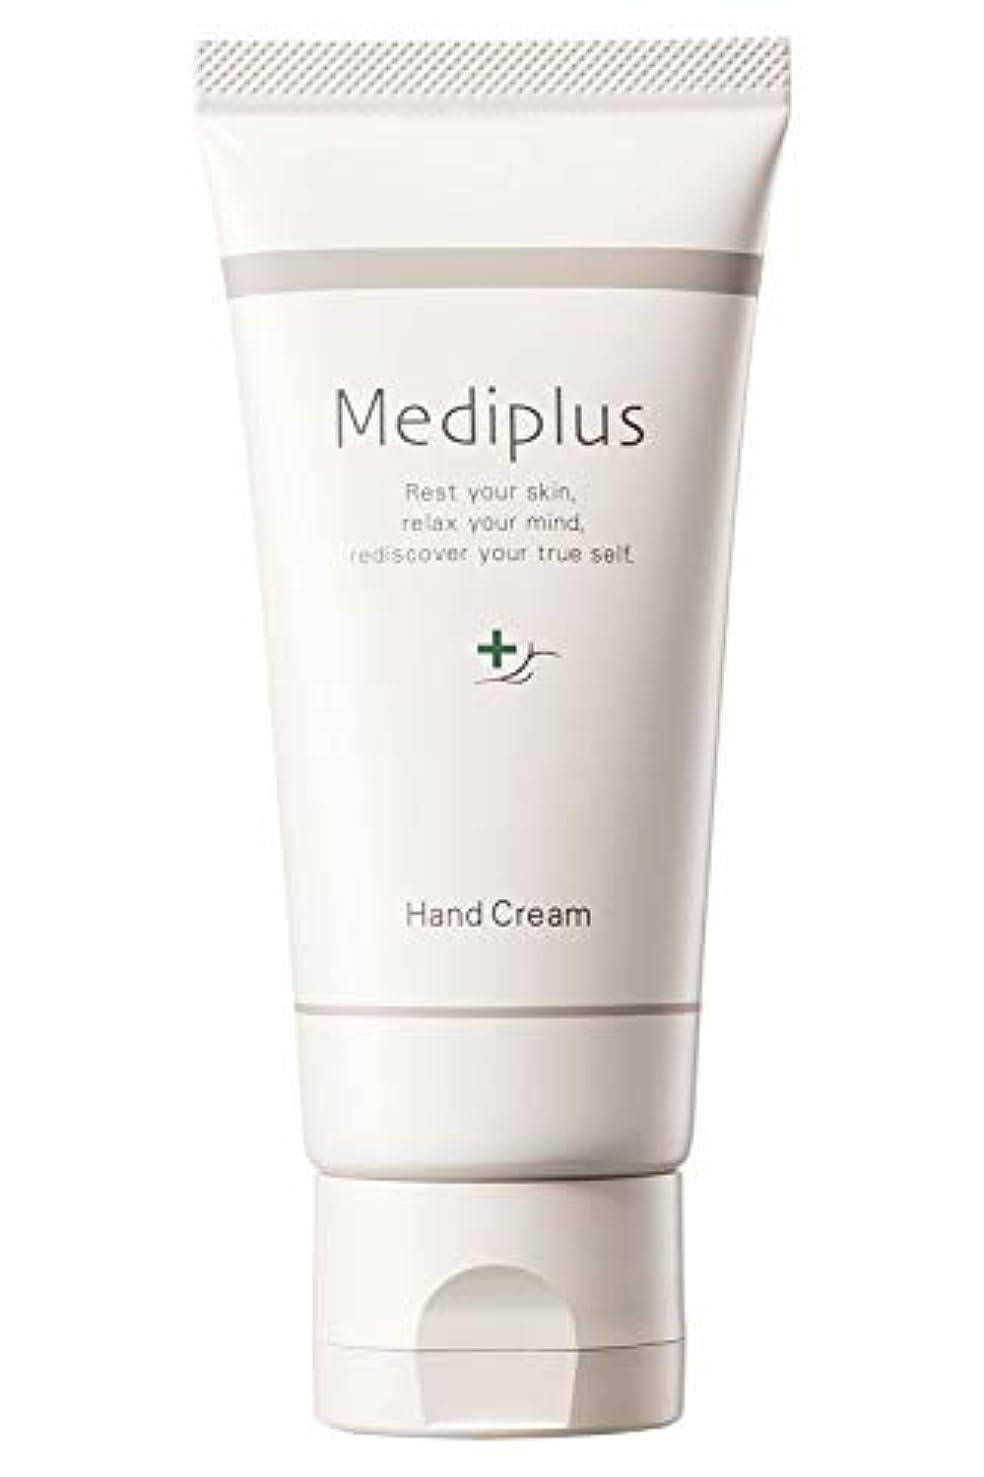 悪意のある自発的用心するmediplus メディプラス ハンドクリーム 55g(約3ヵ月分)